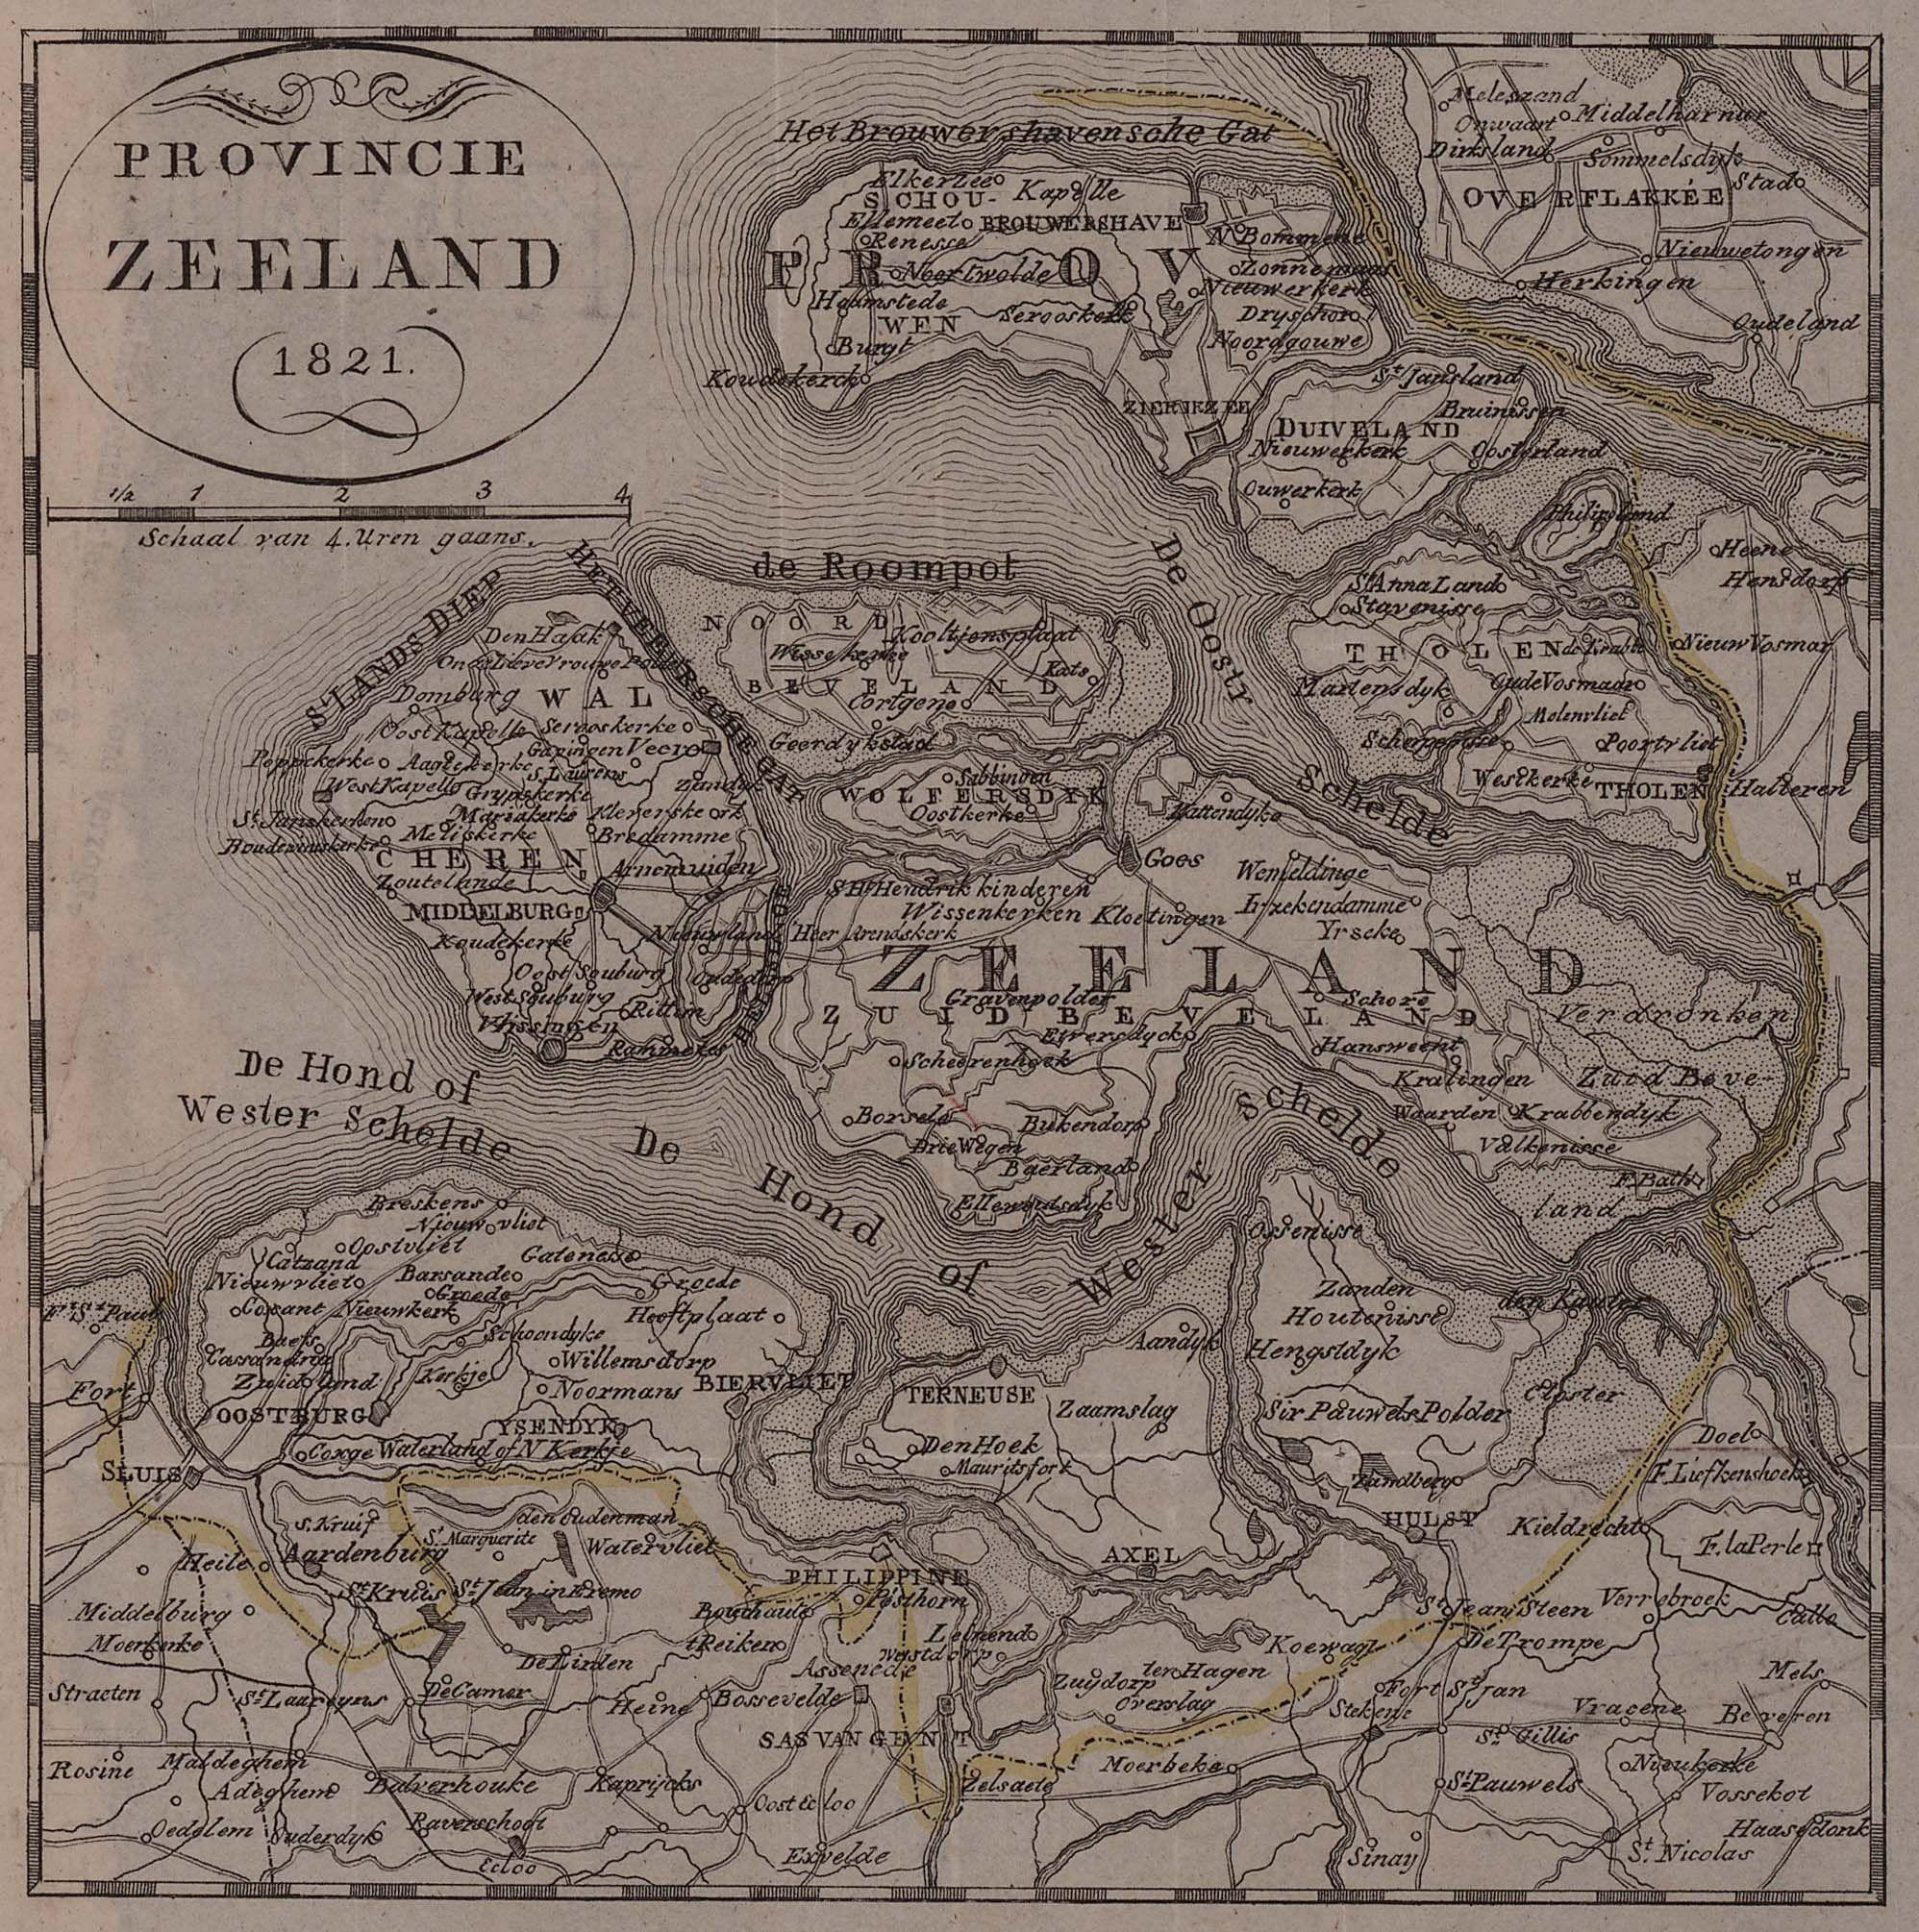 Kaart Provincie Zeeland, 1821. Afbeelding uit het Zeeuws Archief